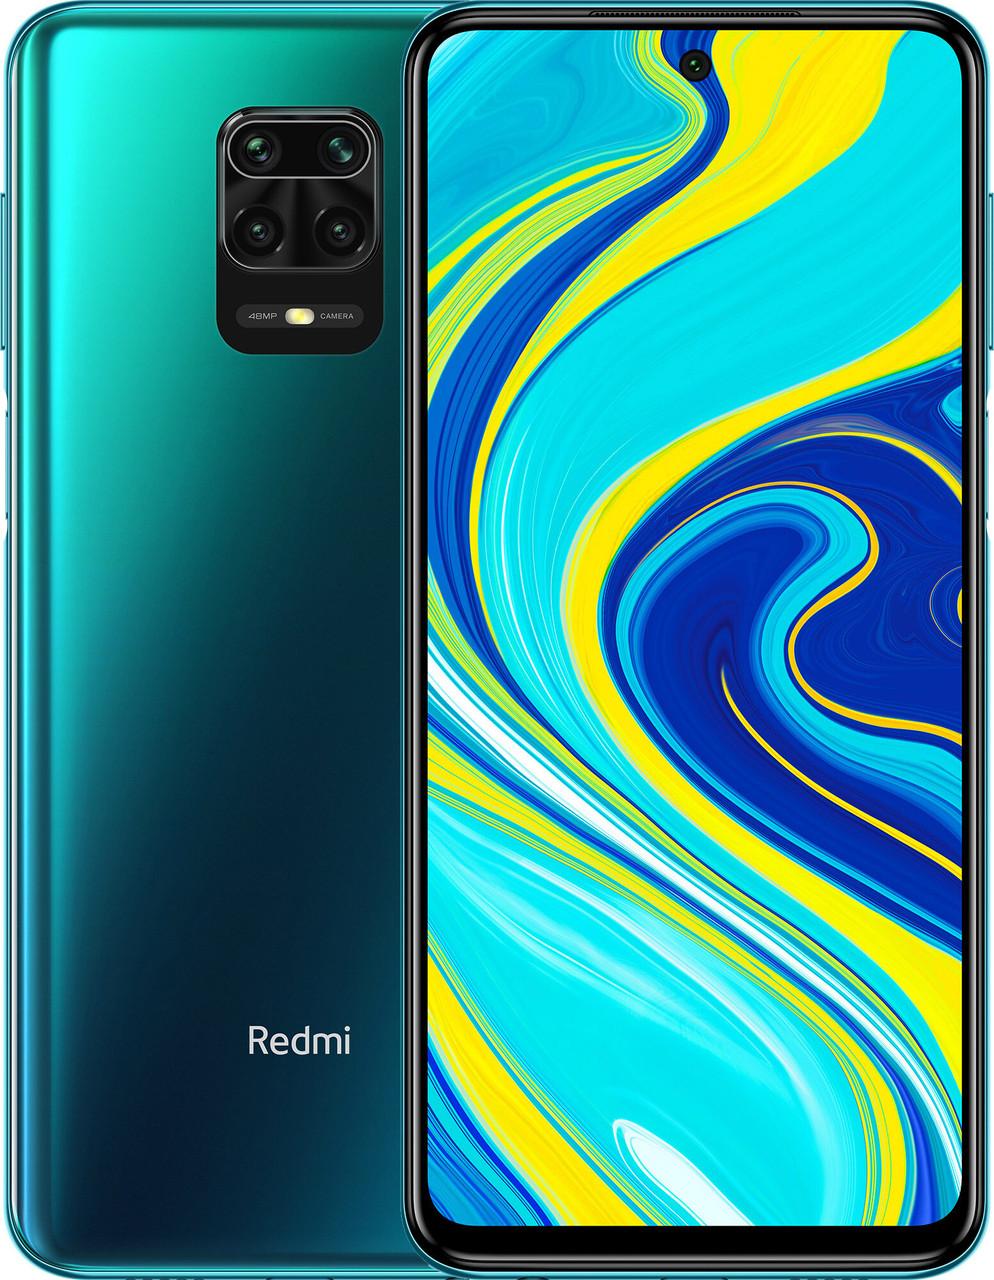 Смартфон Xiaomi Redmi Note 9S 4/64Gb Aurora Blue [Global] (M2003J6A1G) EAN/UPC: 6941059640431